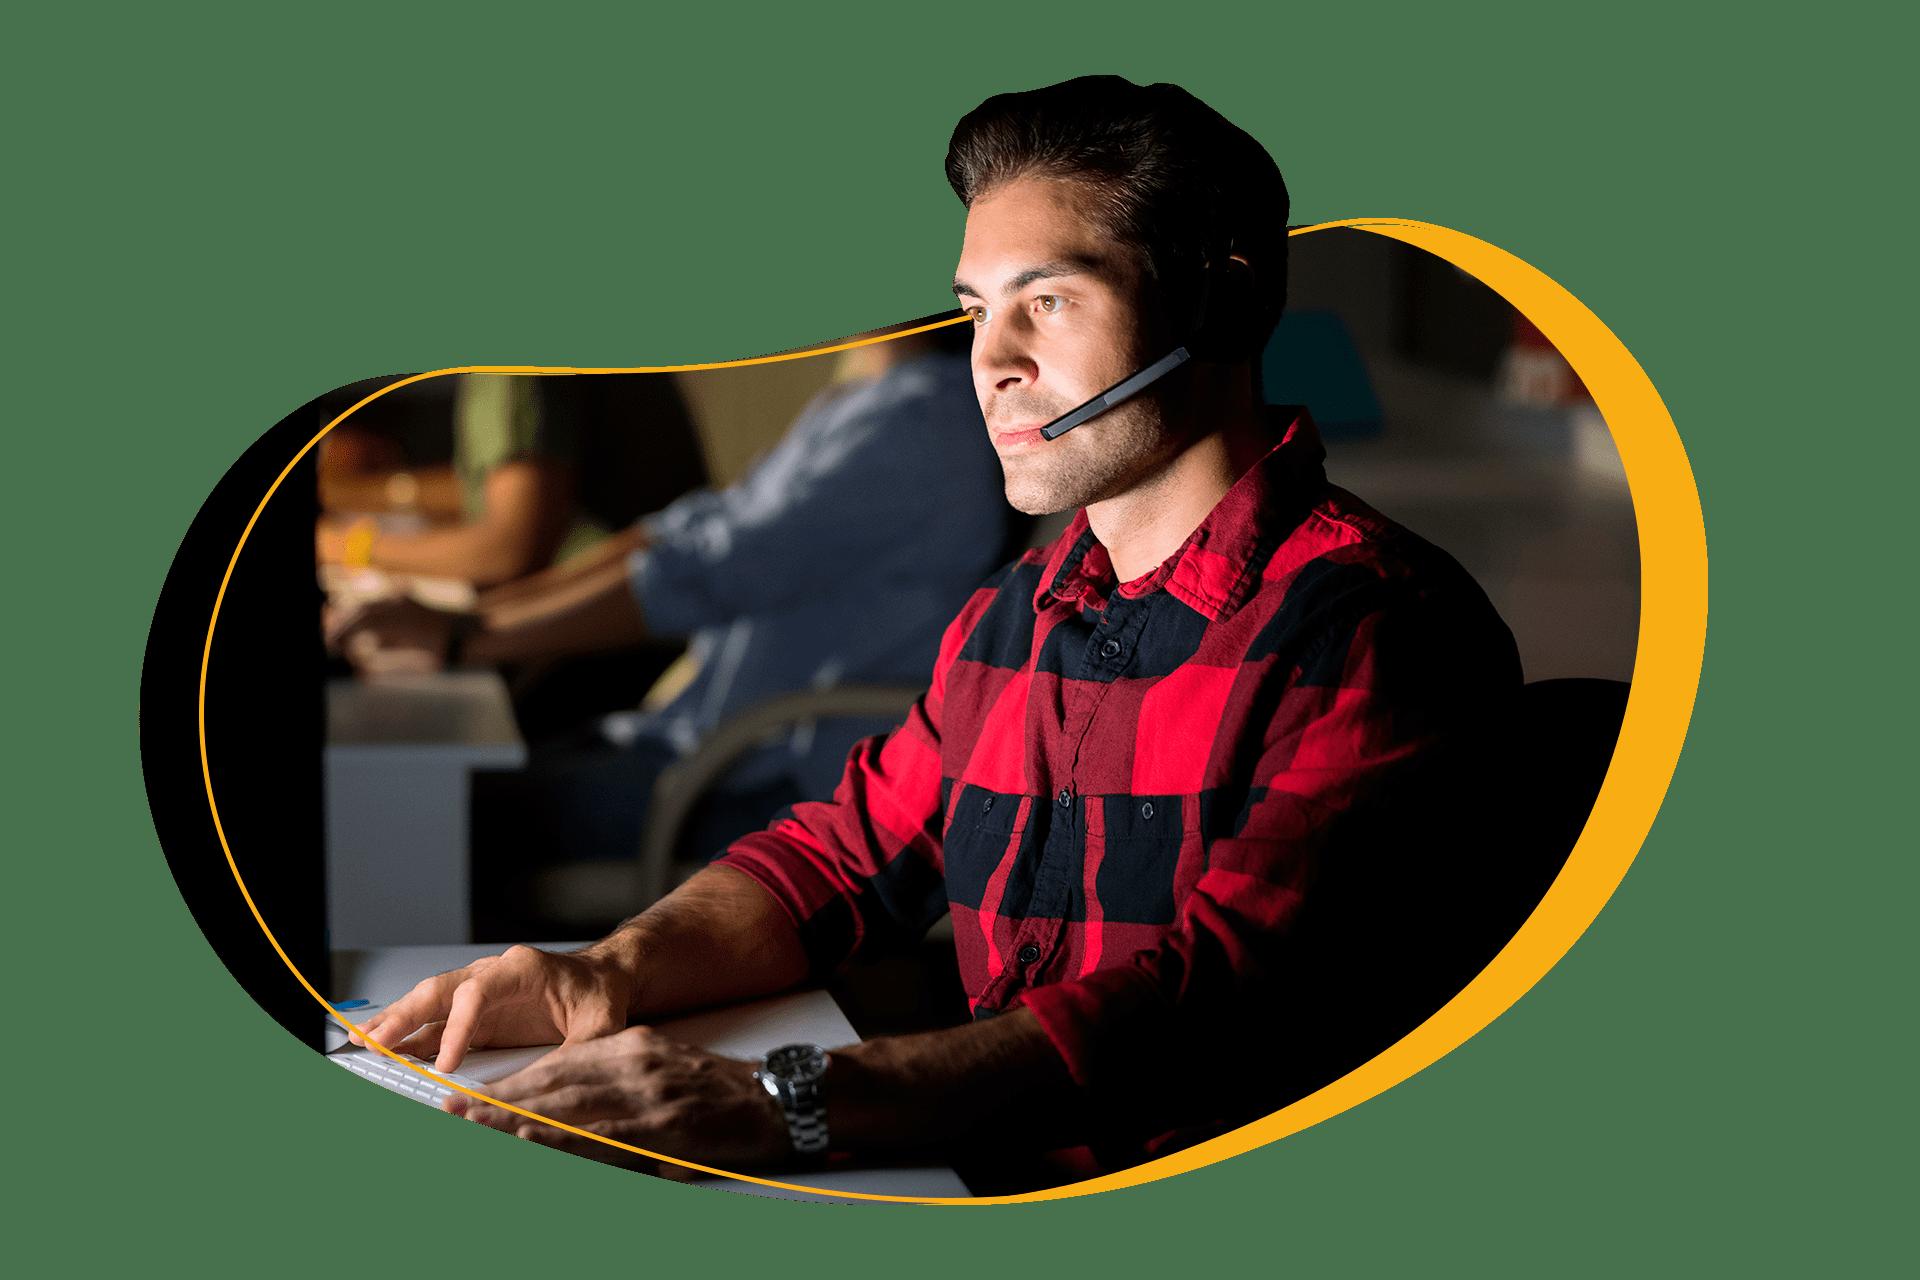 suporte-premium-24-horas-amamos-o-que-fazemos-7-dias-por-semana-atendimento-chat-telefone-ticket-sitehosting-jmvstream